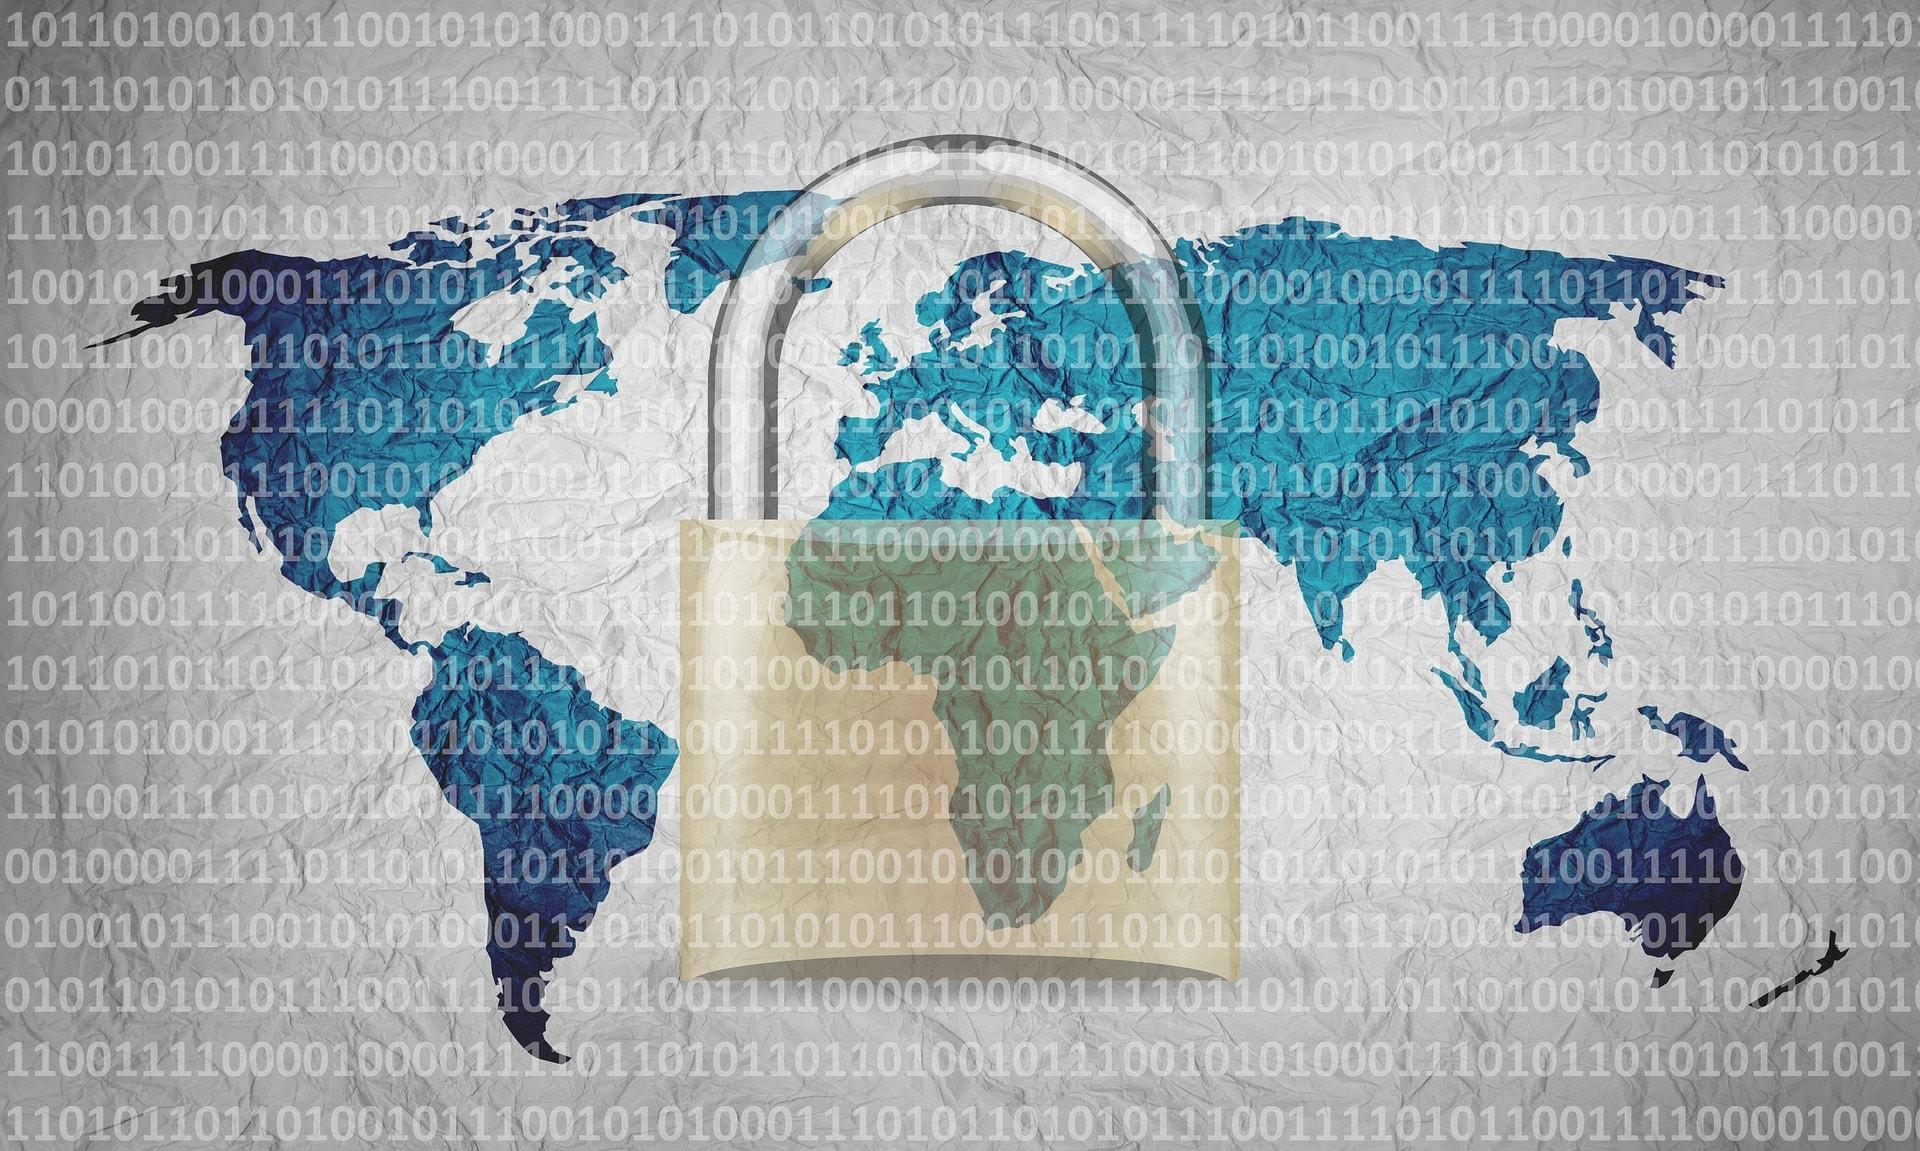 電子契約書の管理はブロックチェーンが便利!仕組みやメリットを解説